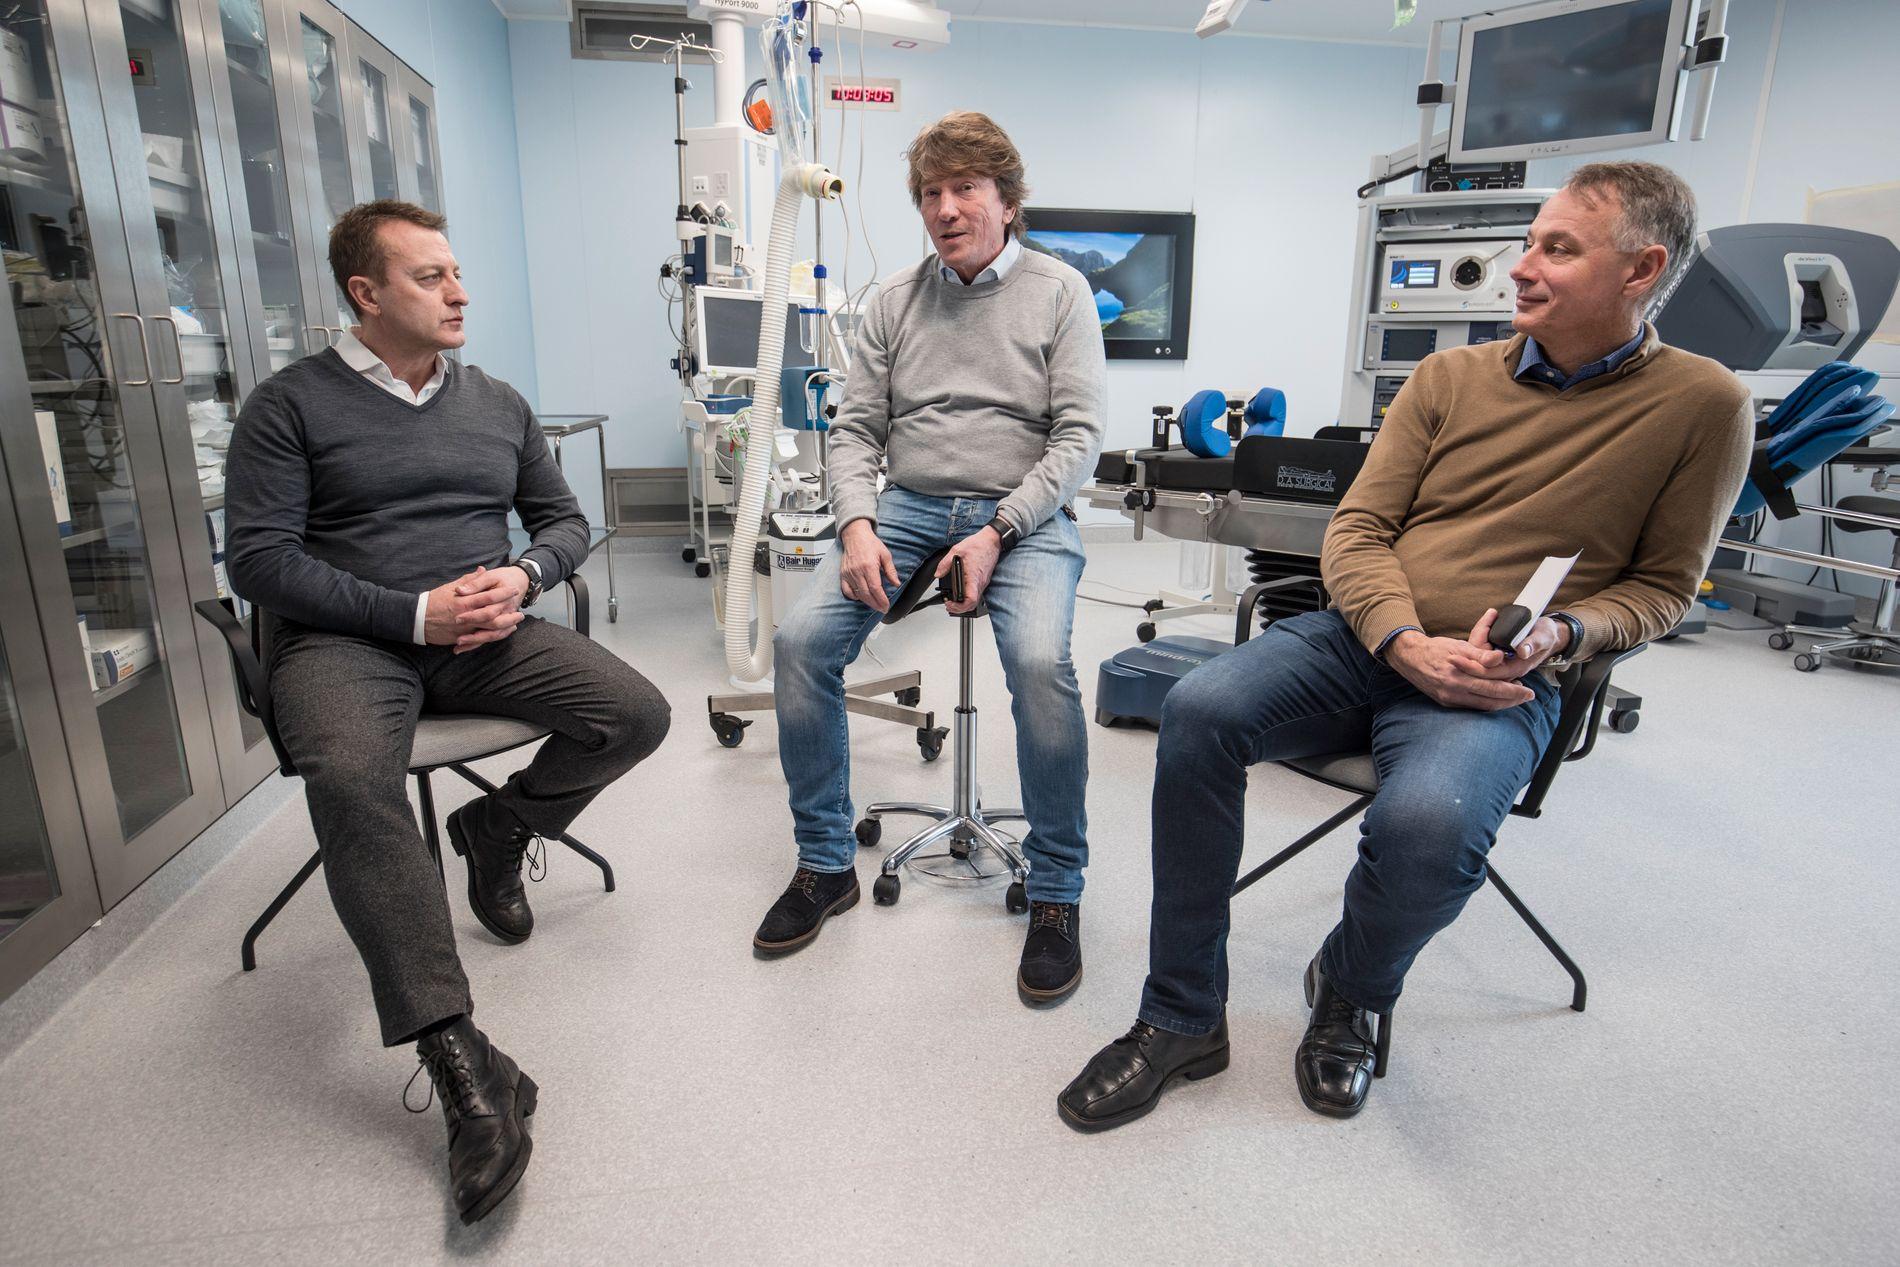 PLANLEGGER FREMTIDEN: I dette rommet skal legene på Colosseum Mann operere prostatakreft-pasienter fra slutten av mars 2018. Utstyret her er verdt millioner, forteller allmennlege Franck Sky (fra venstre), eier Gard Lauvsnes og daglig leder Ola Mjåtvedt.